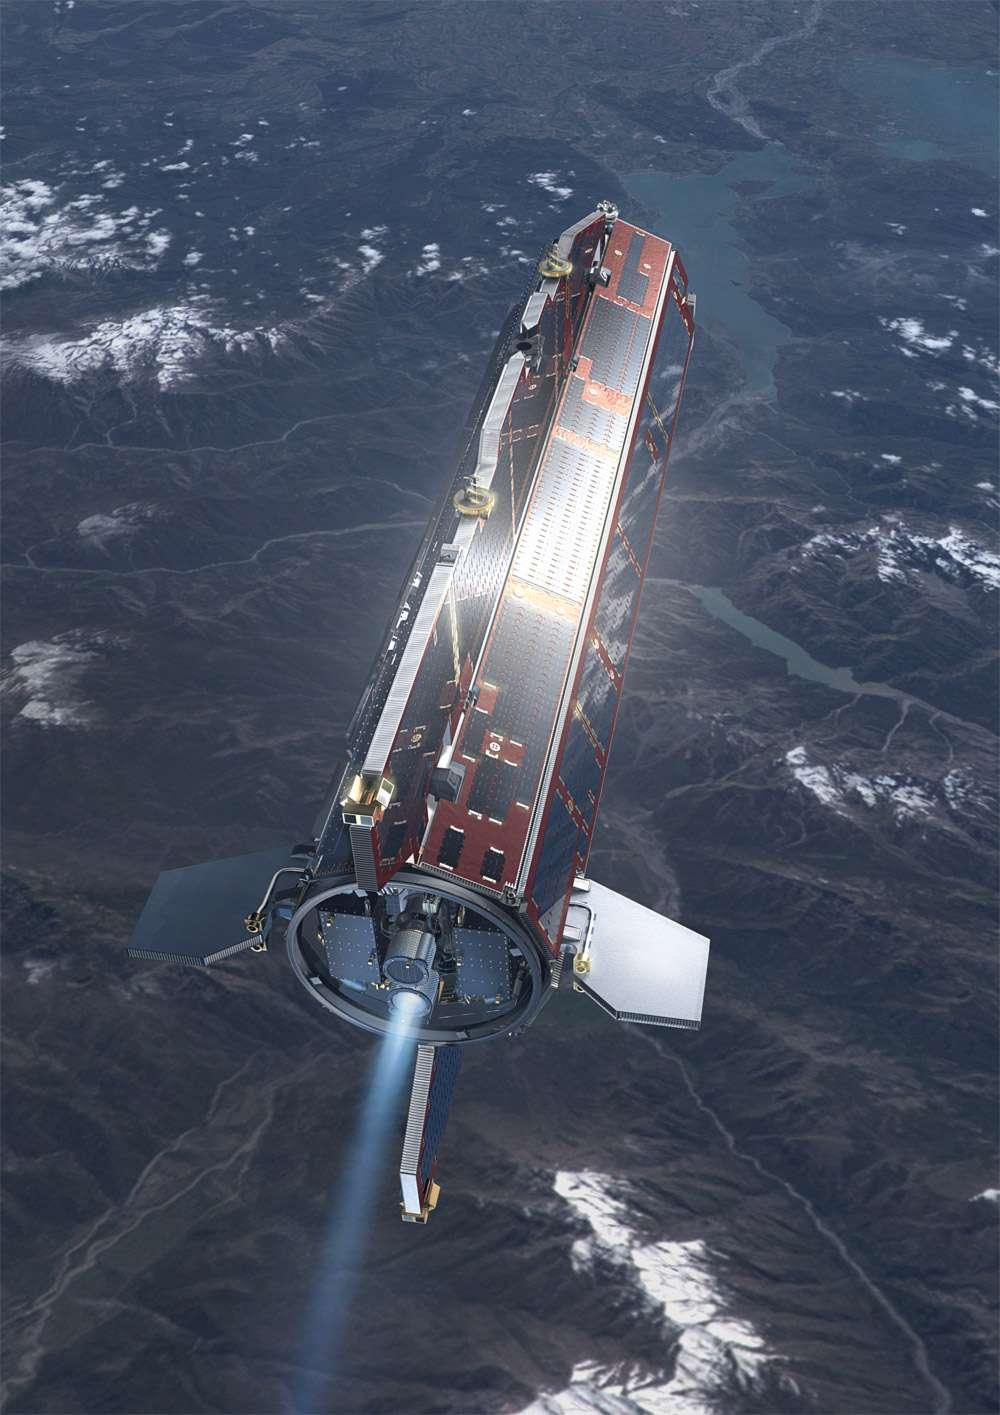 La mission du satellite Goce a été prolongée de 18 mois sur une orbite de 235 km, soit 20 km de moins que son orbite initiale. © Esa, AOES Medialab